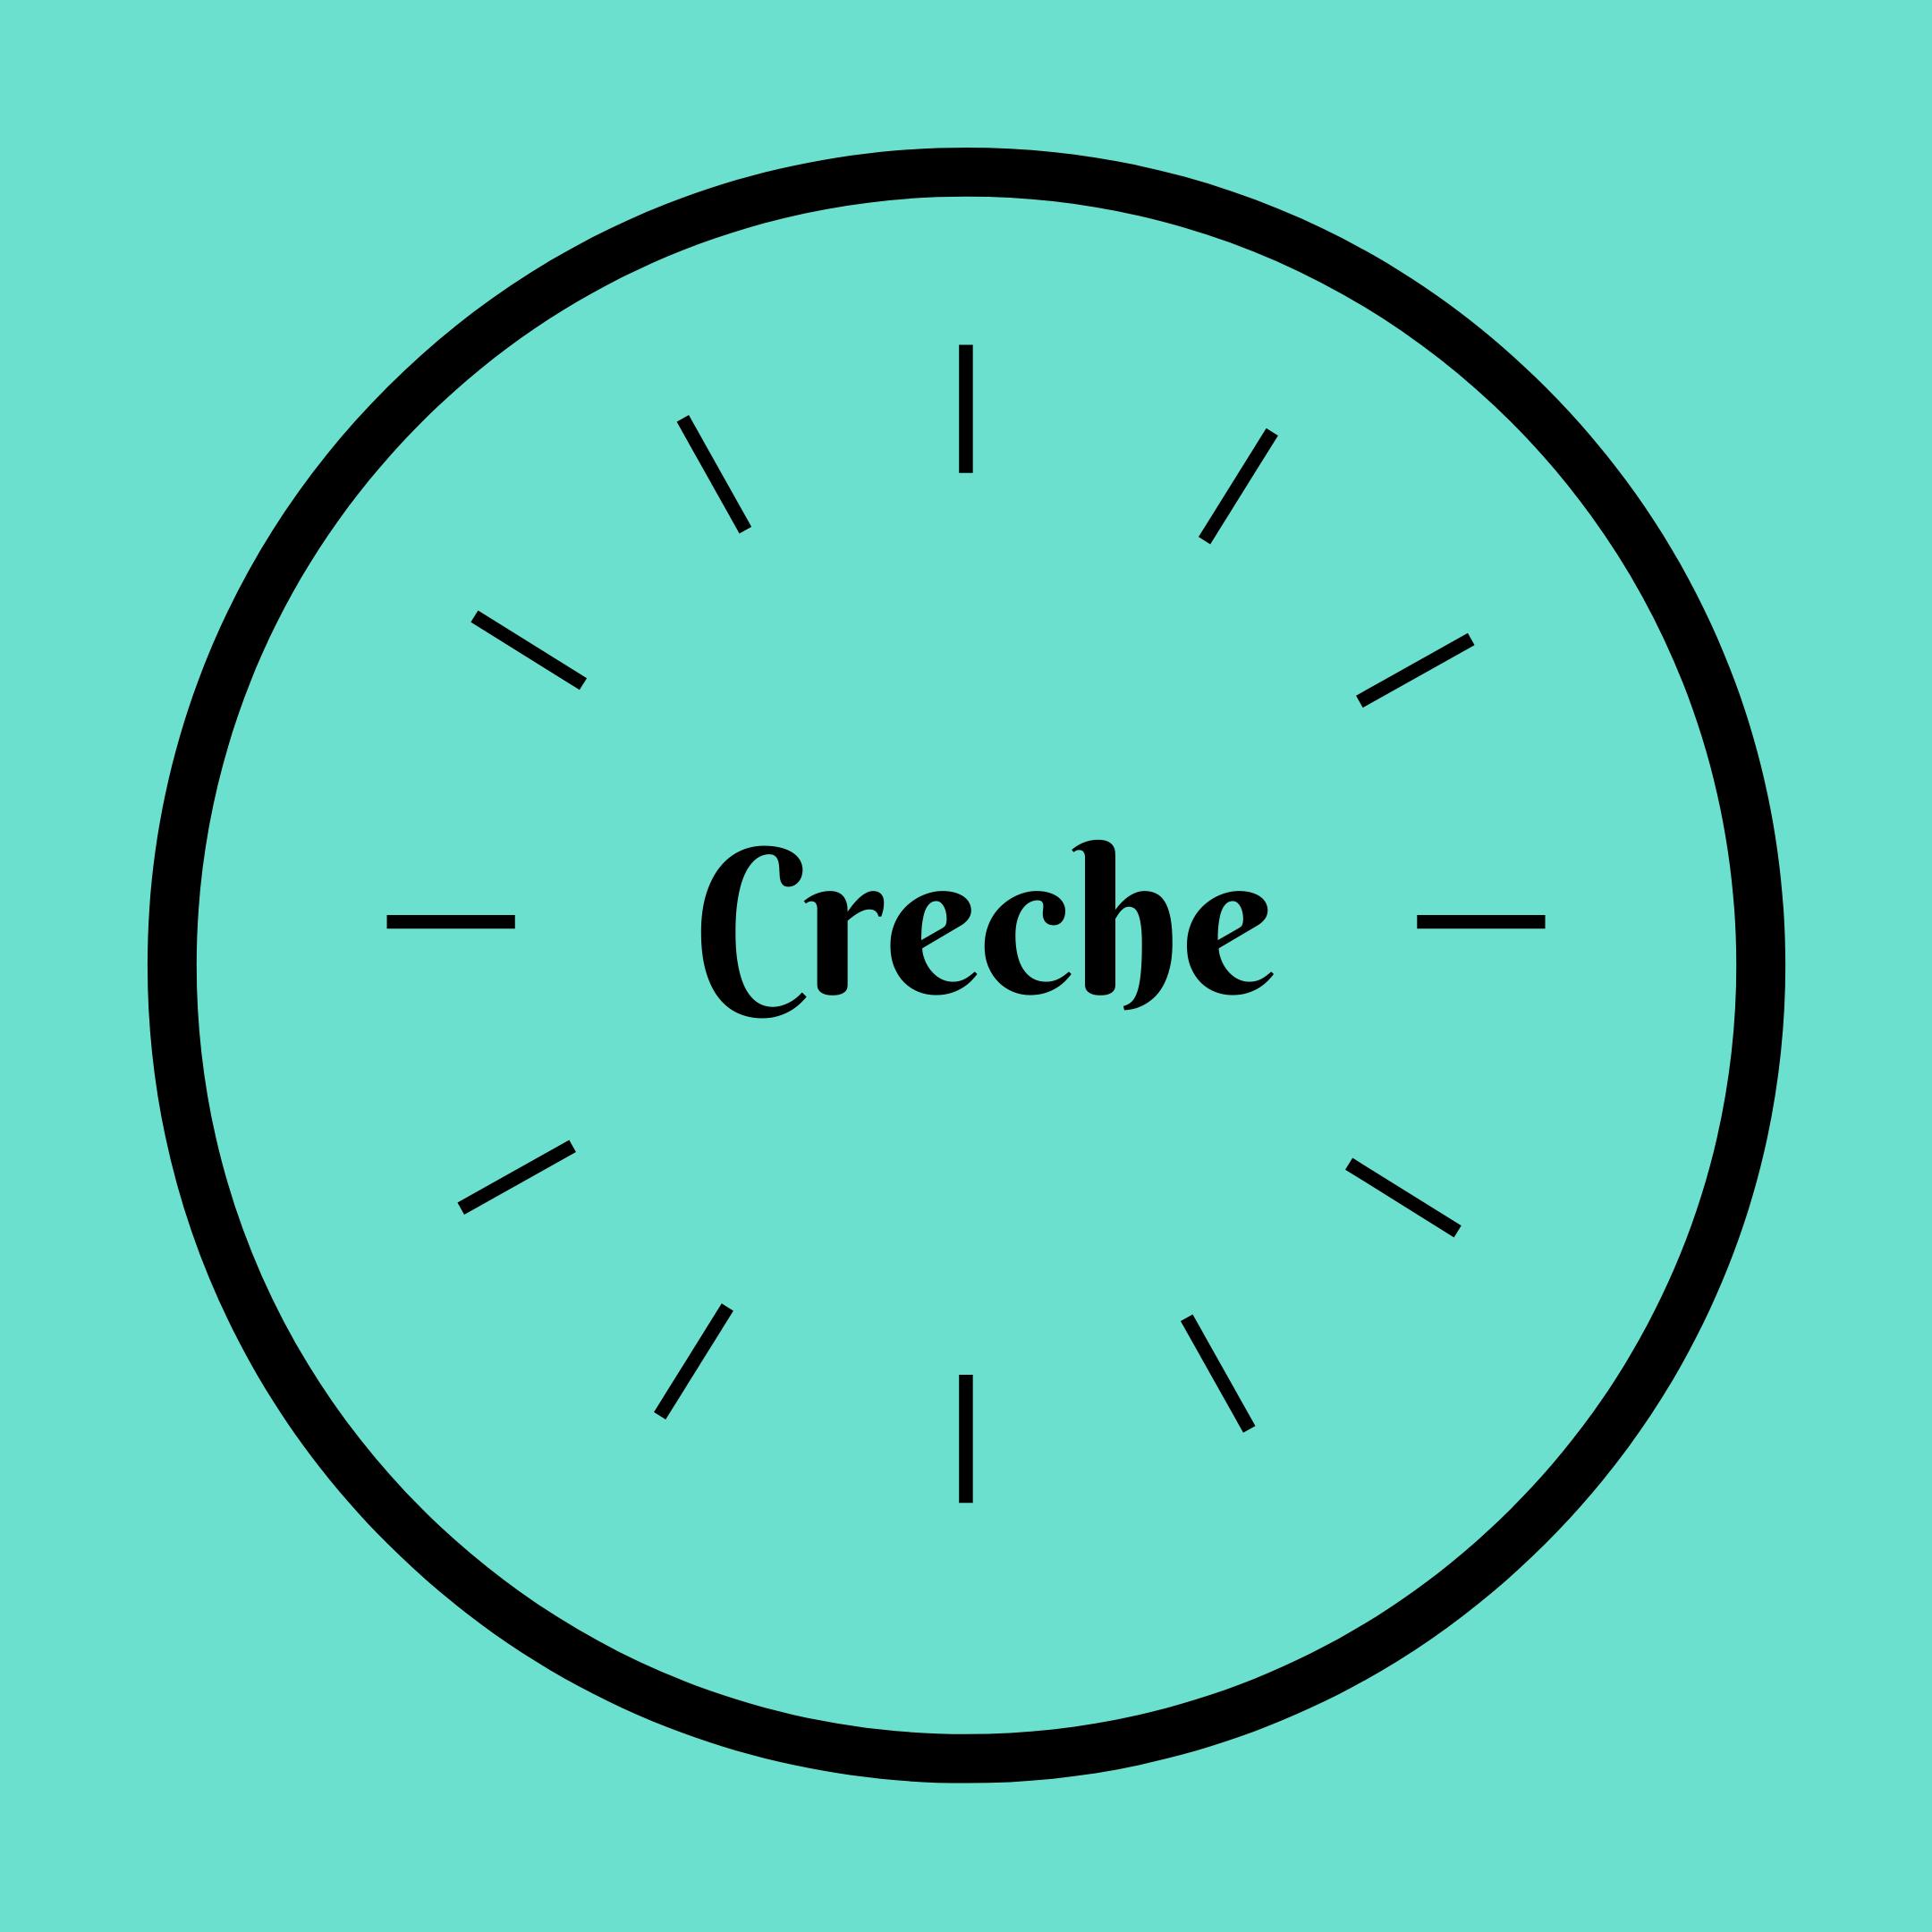 Morning Creche